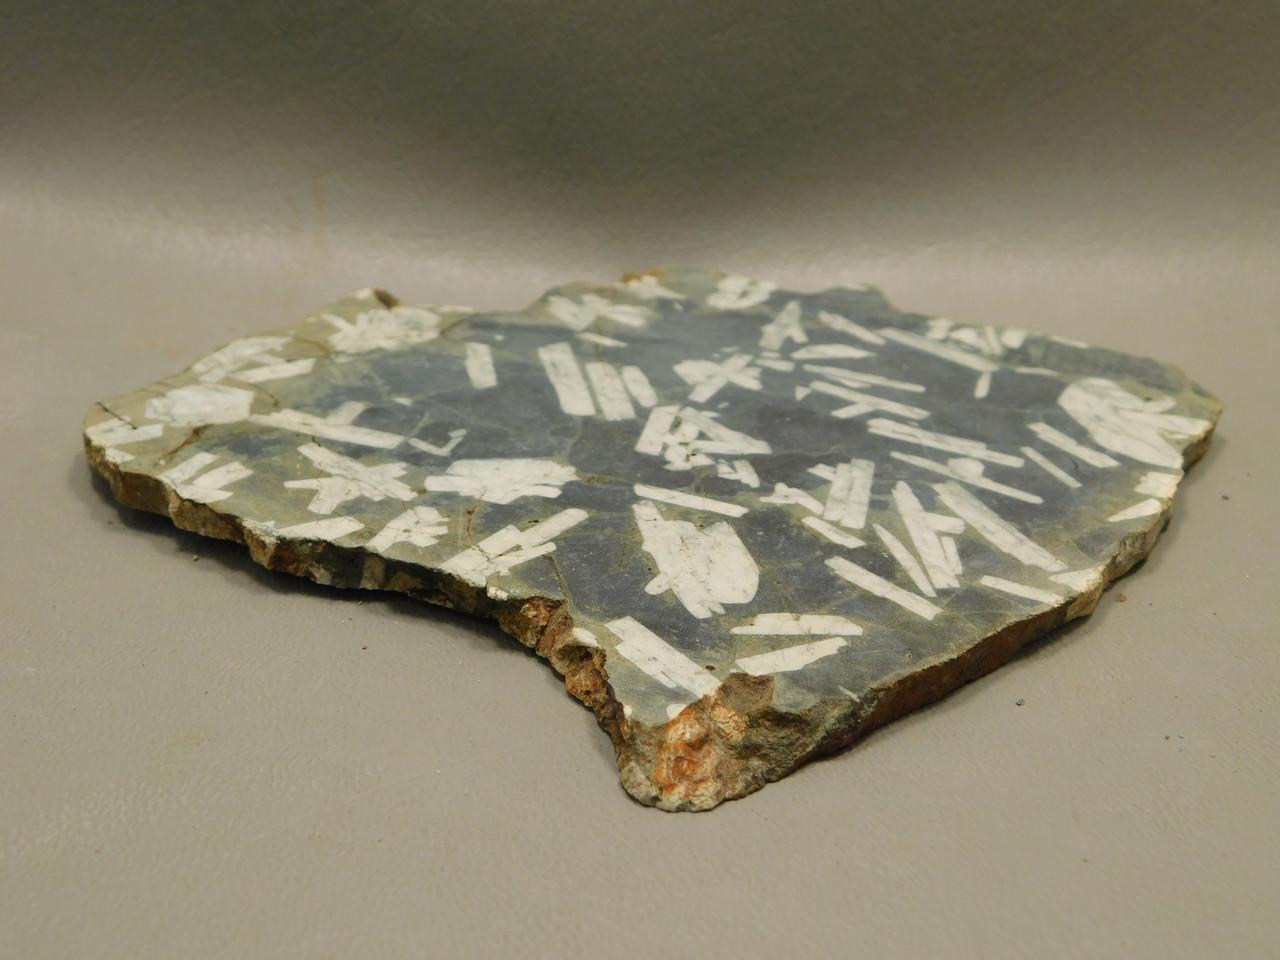 Chinese Writing Rock Stone Slab Unpolished Rough Rock California #O5